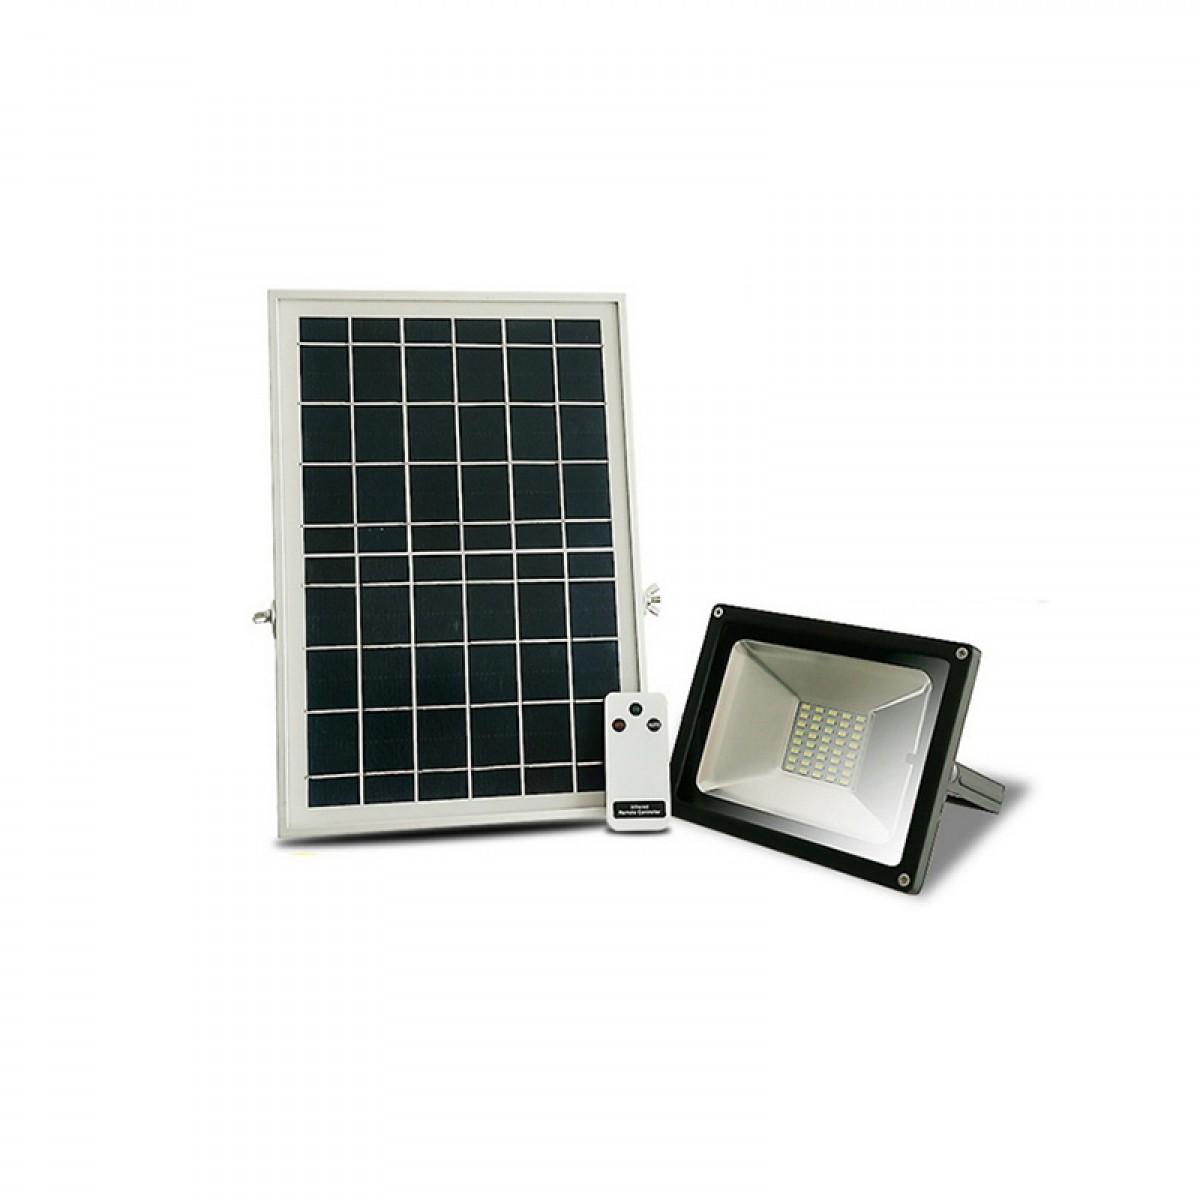 Ηλιακός προβολέας ανάβει μόλις νυχτώσει και σβήνει όταν ξημερώσει εξωτερικού χώρου IP 65 50W με 96ισχυρά SMD LED + Τηλεχειριστήριο ON - OFF + Επιλογή αυτόματου φωτισμού το βράδυ